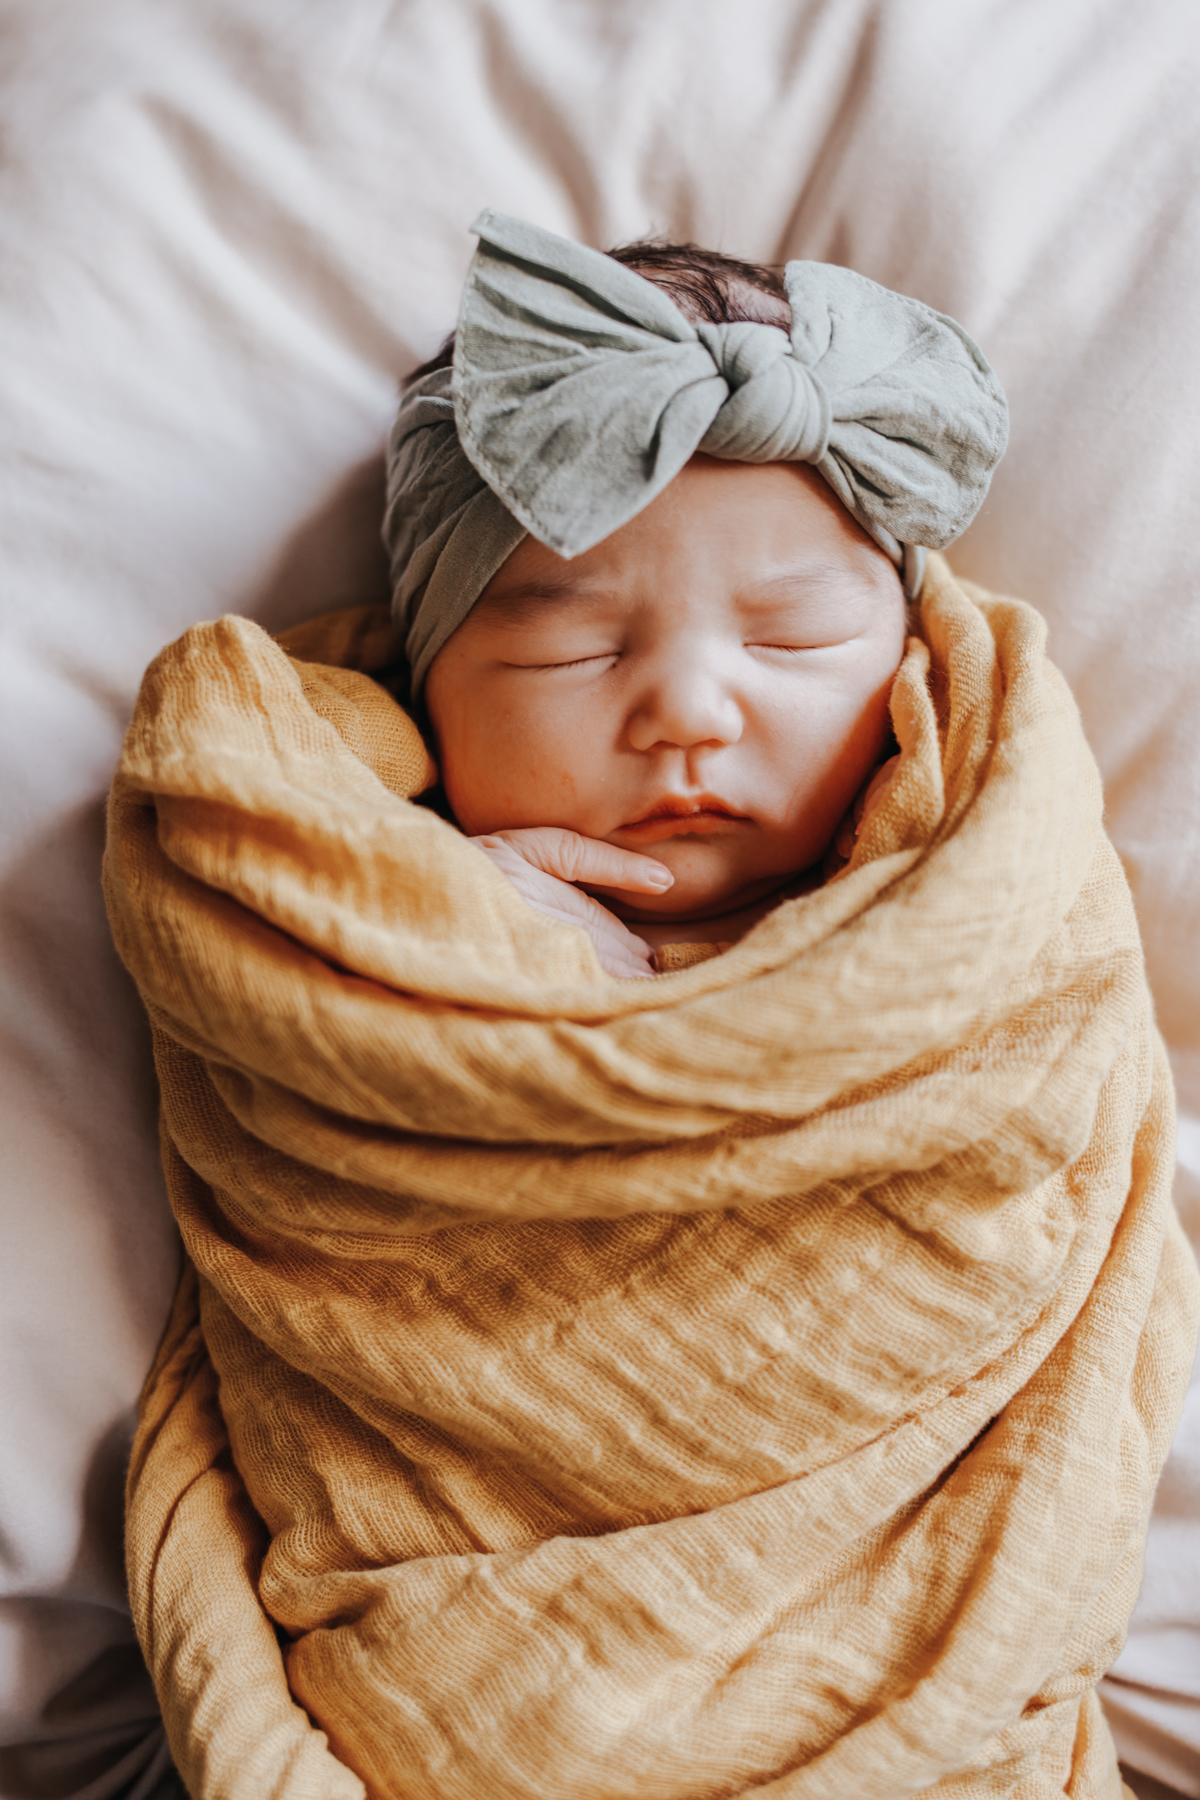 Something Sakura: Naming Our Daughter Milai Ivy Duncan